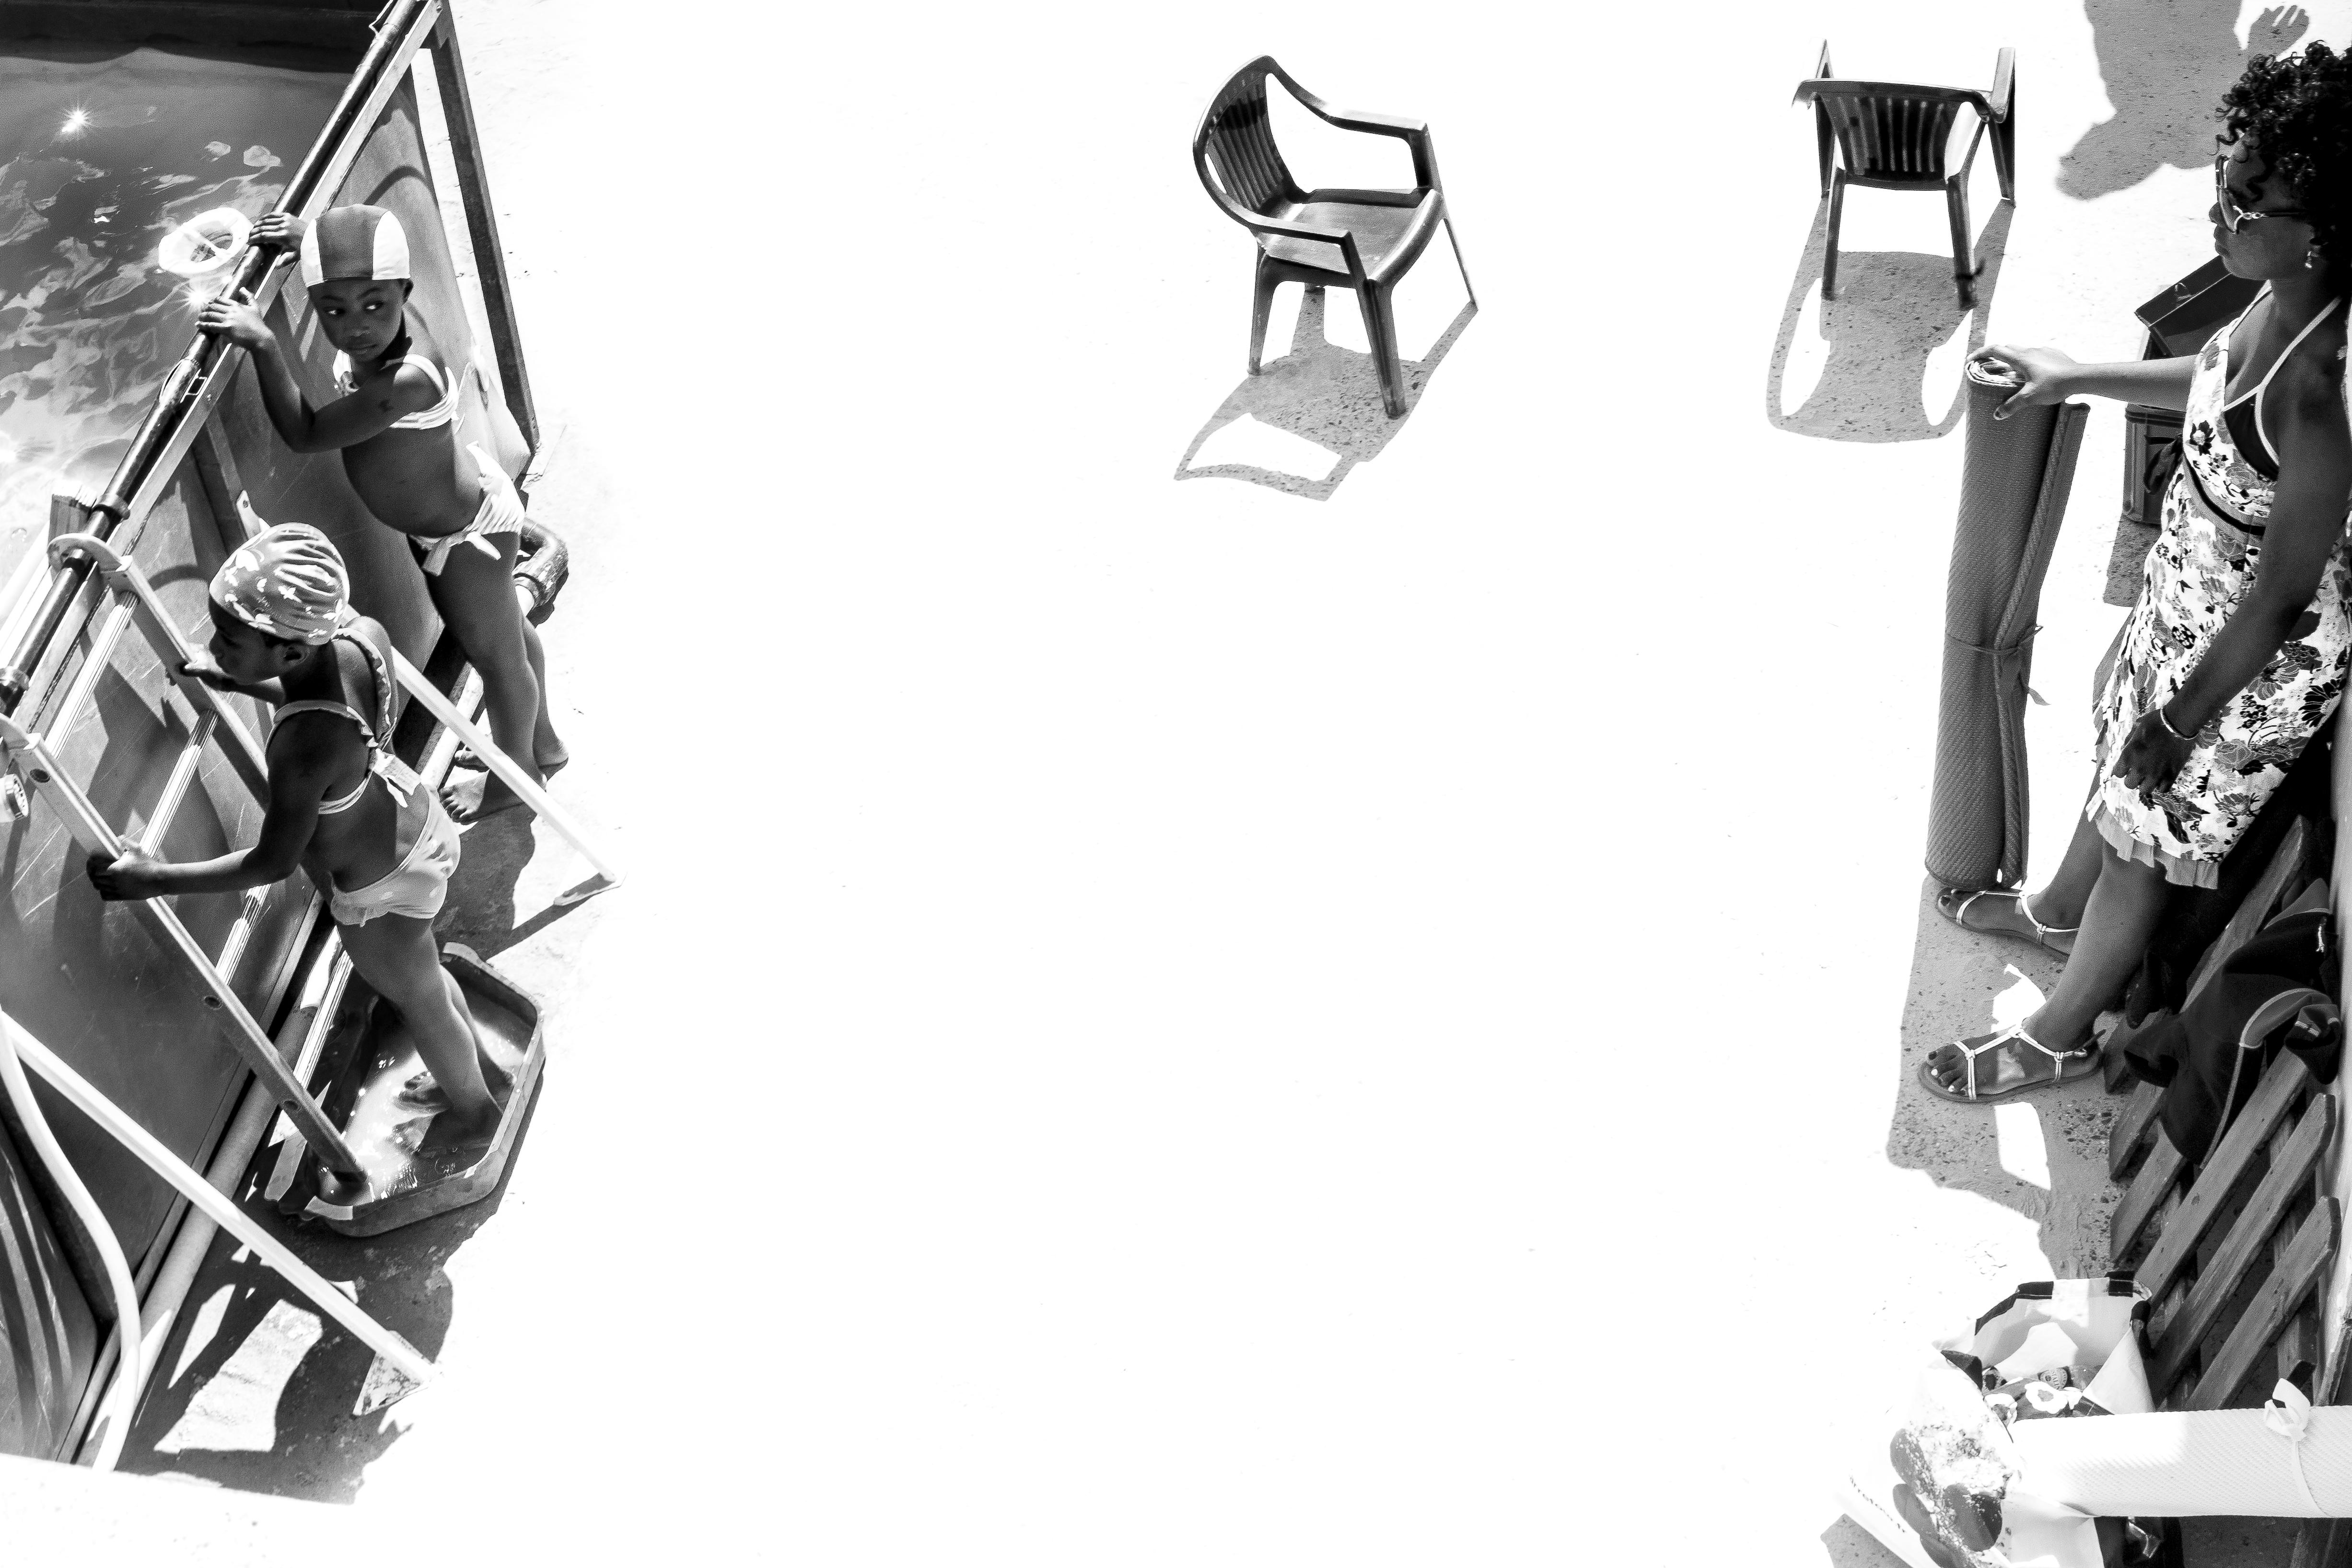 Cubik - Photographie Yann Lecomte- Sablographie